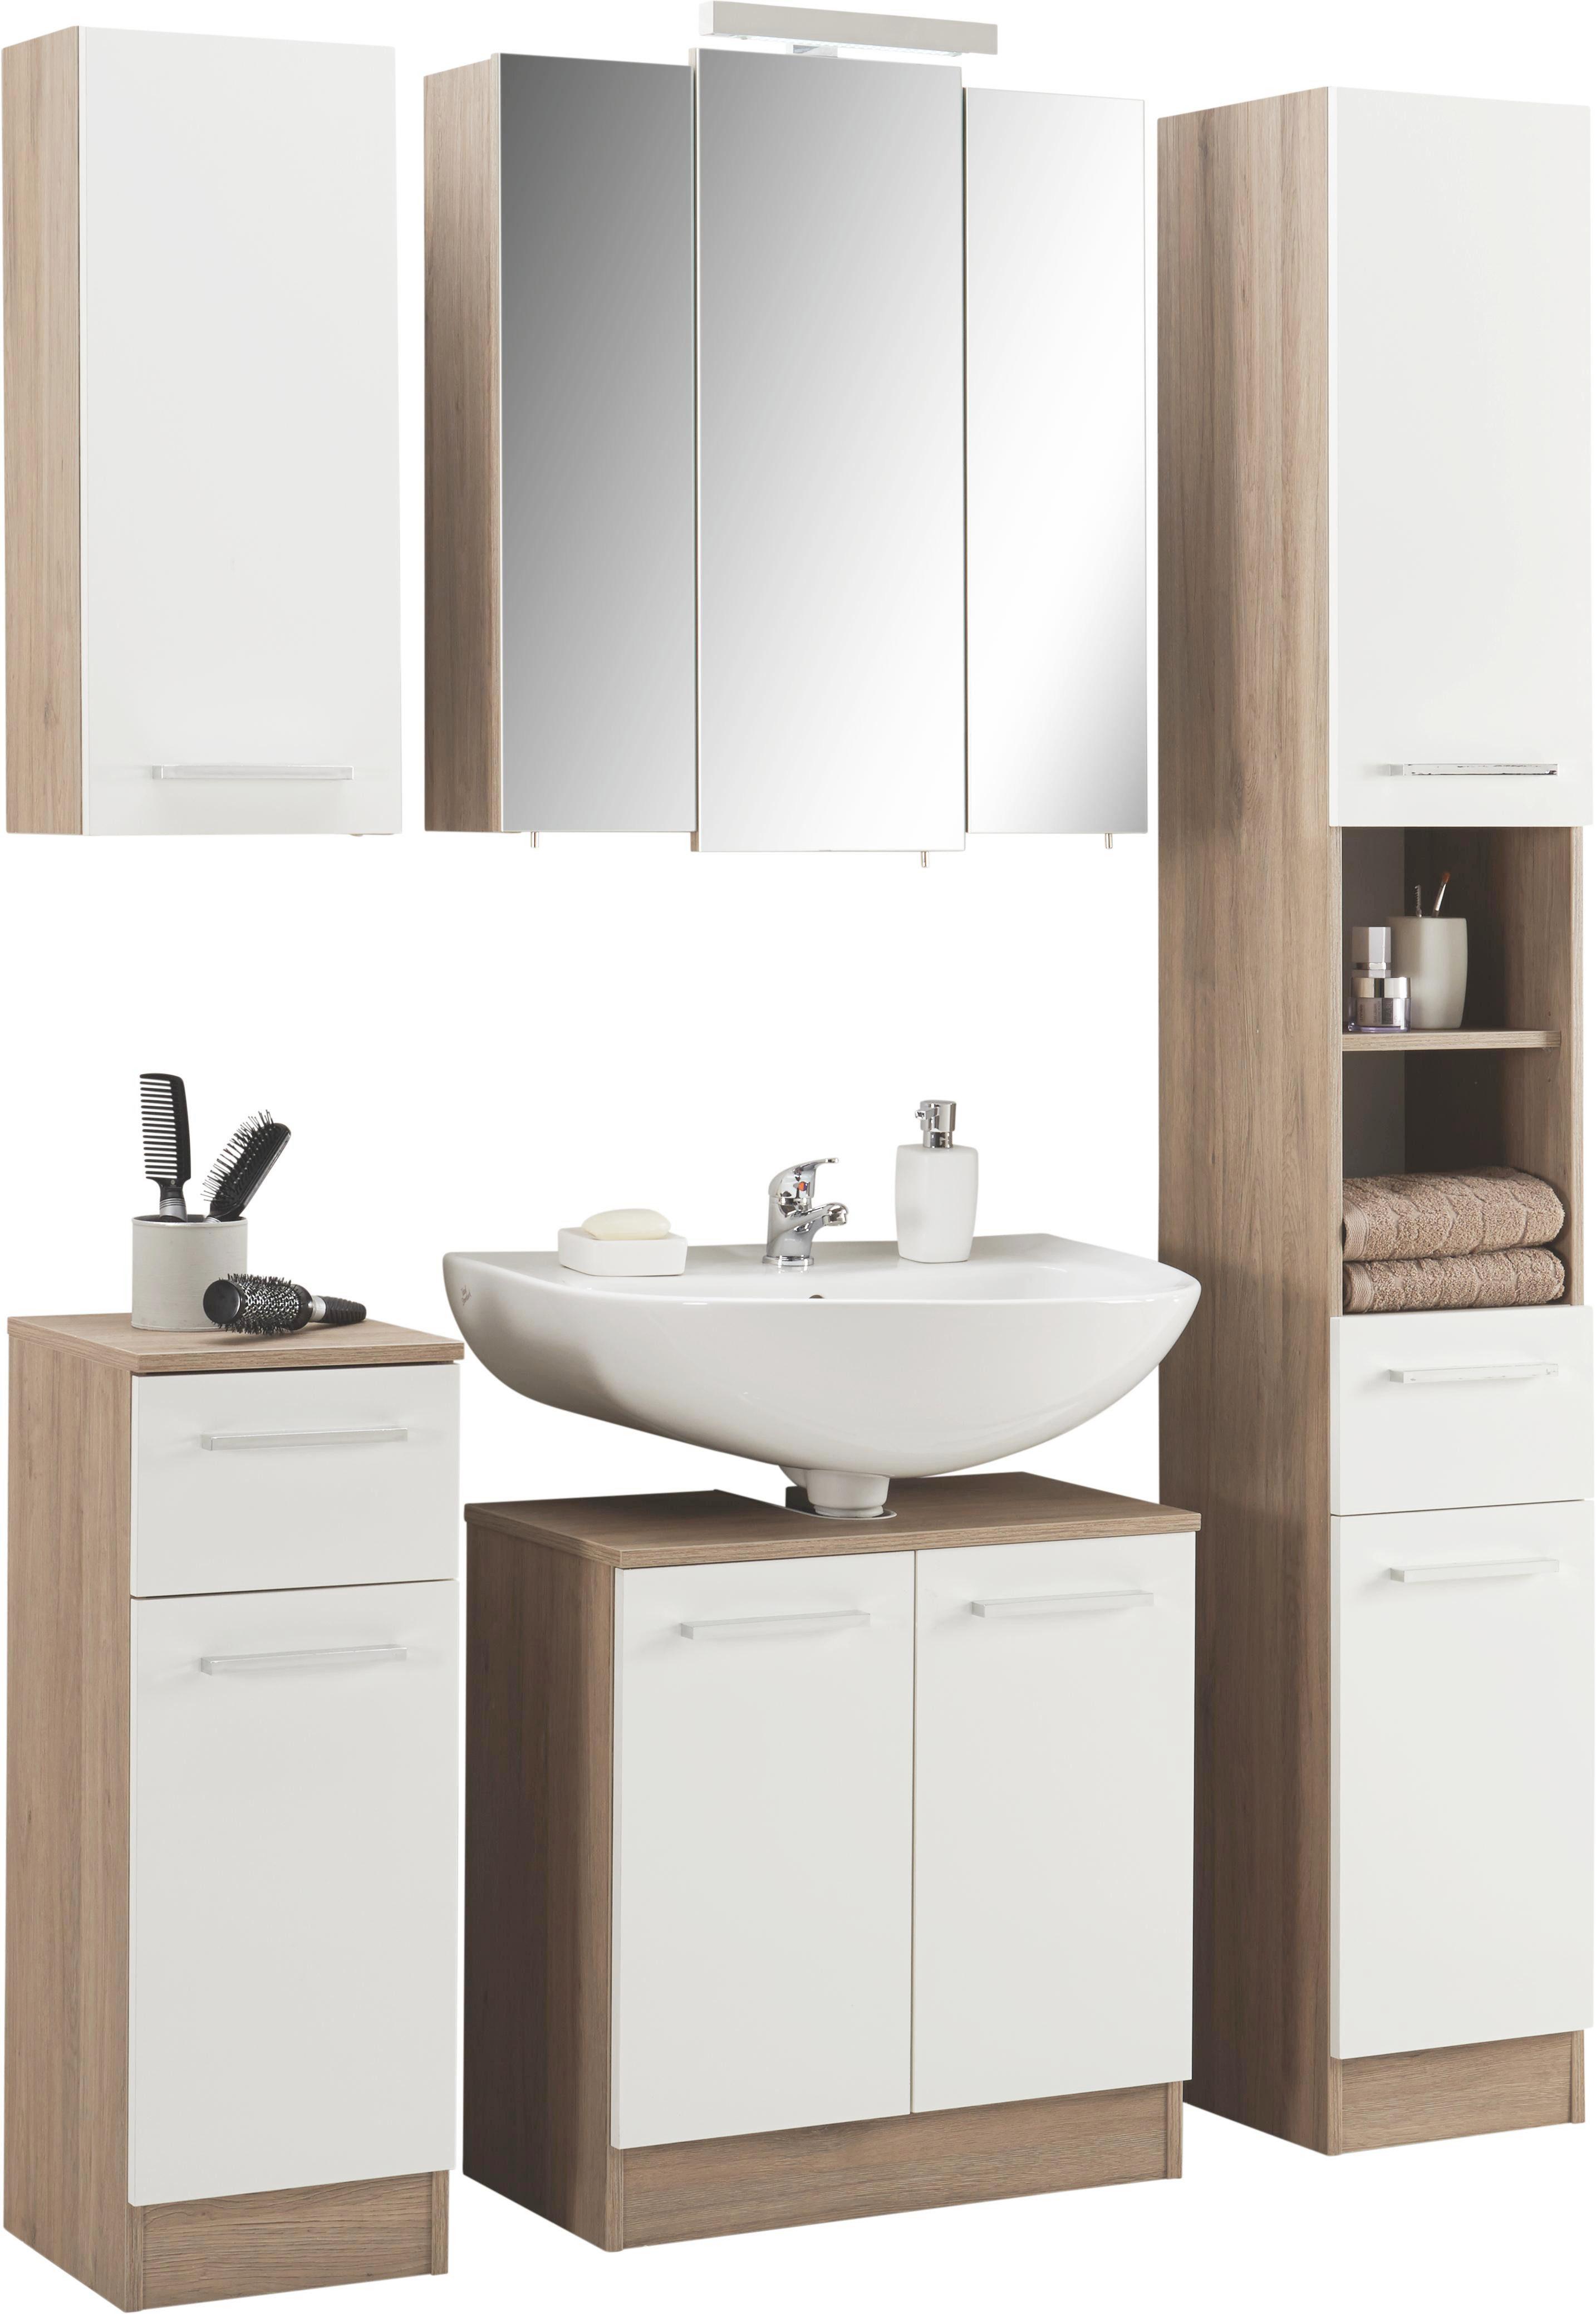 HÖGSKÅP - vit/kromfärg, Design, metall/träbaserade material (30/195,5/33cm) - Xora